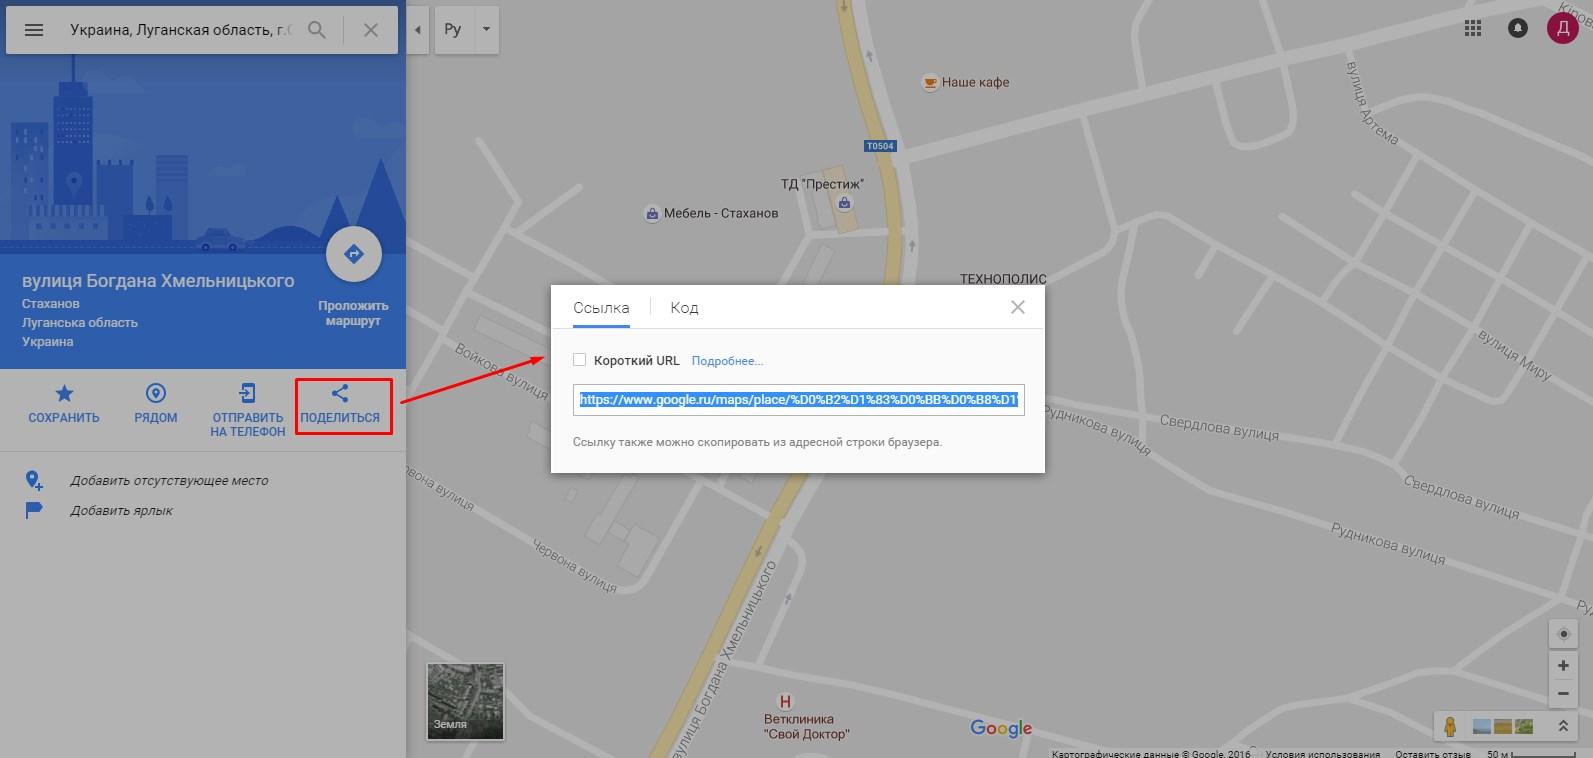 дом как на гугл карте смотреть фото местоположения сожалению